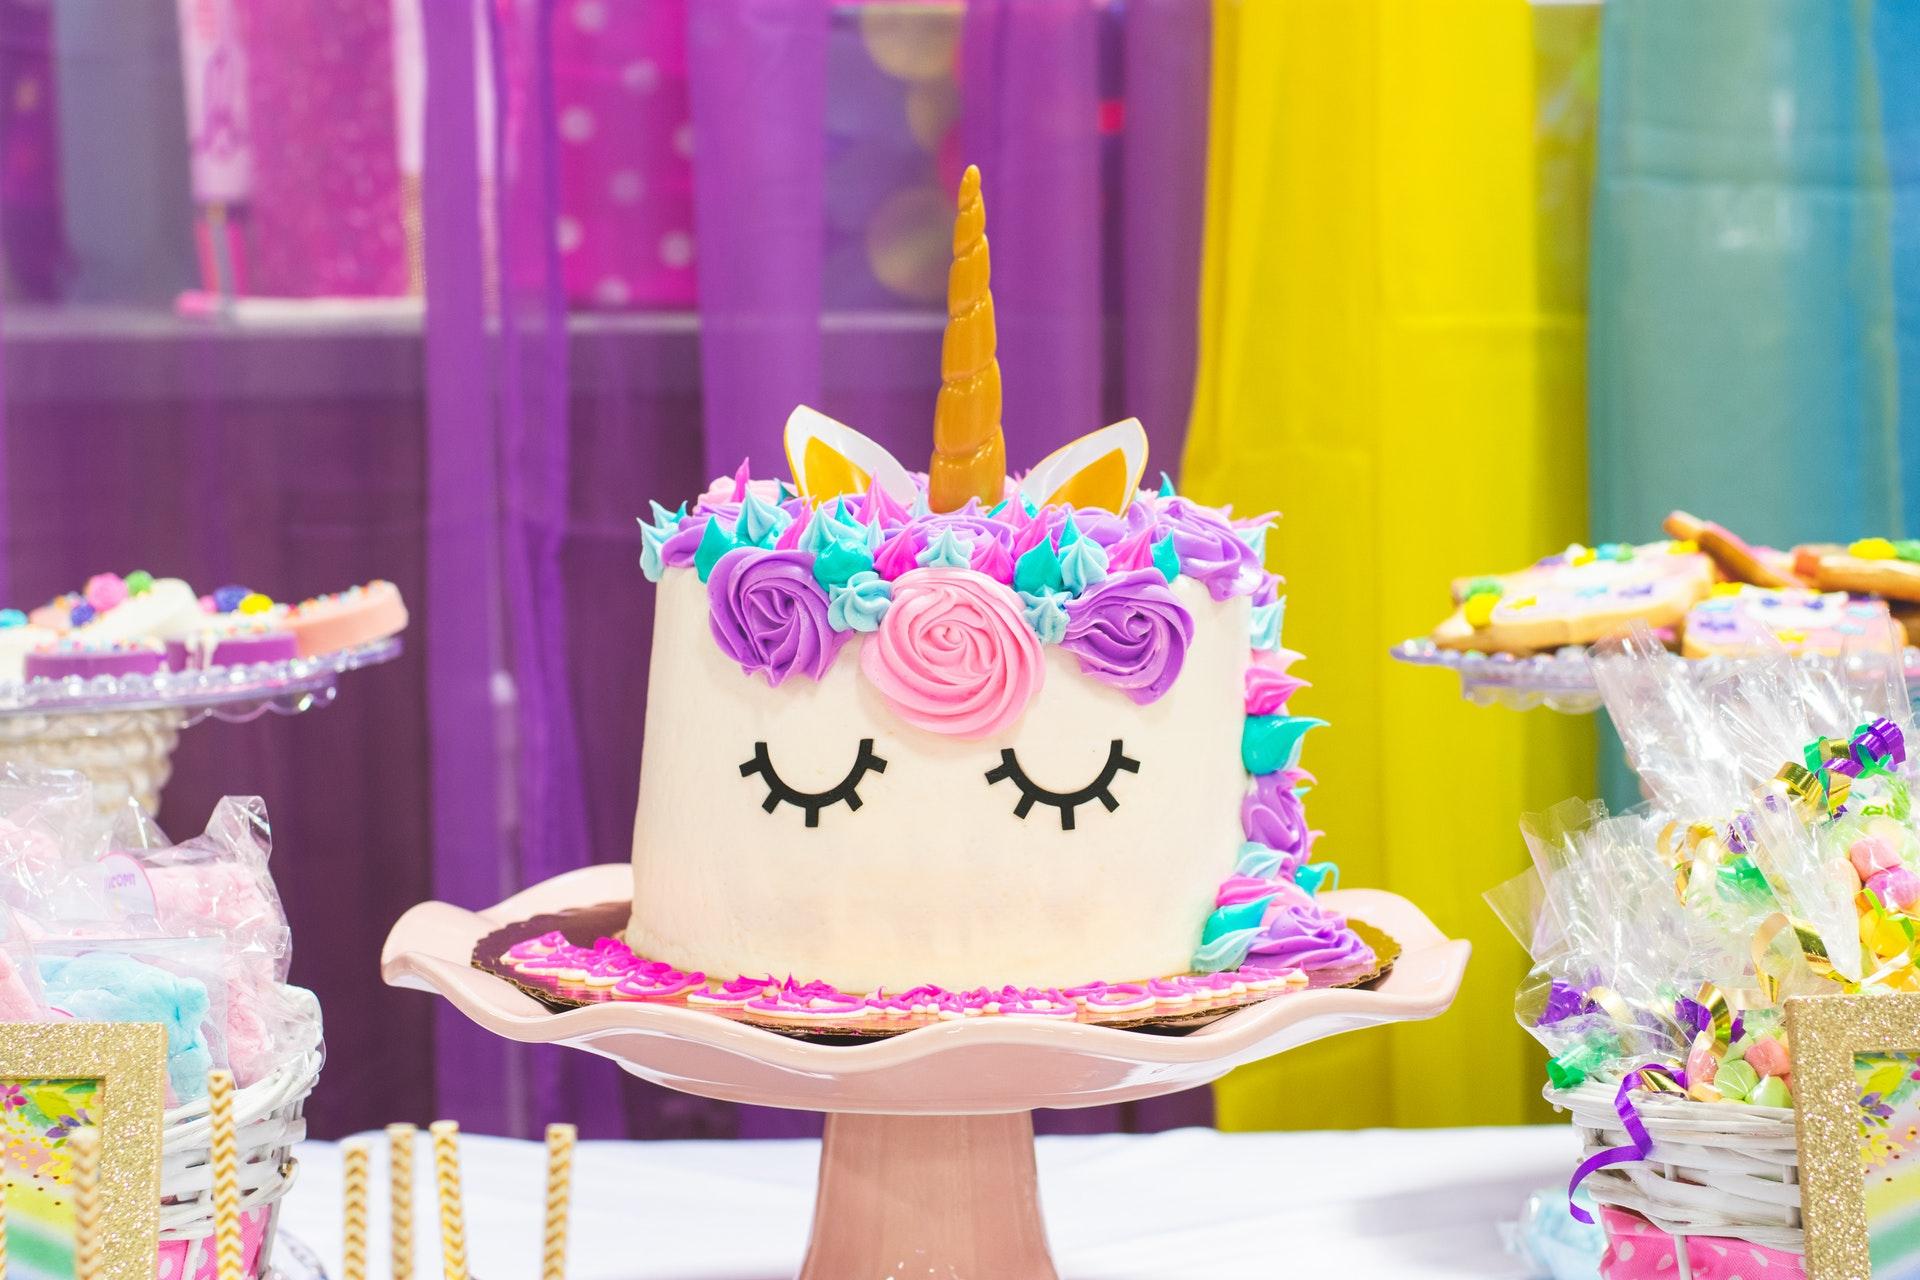 瞼を閉じた顔のケーキ